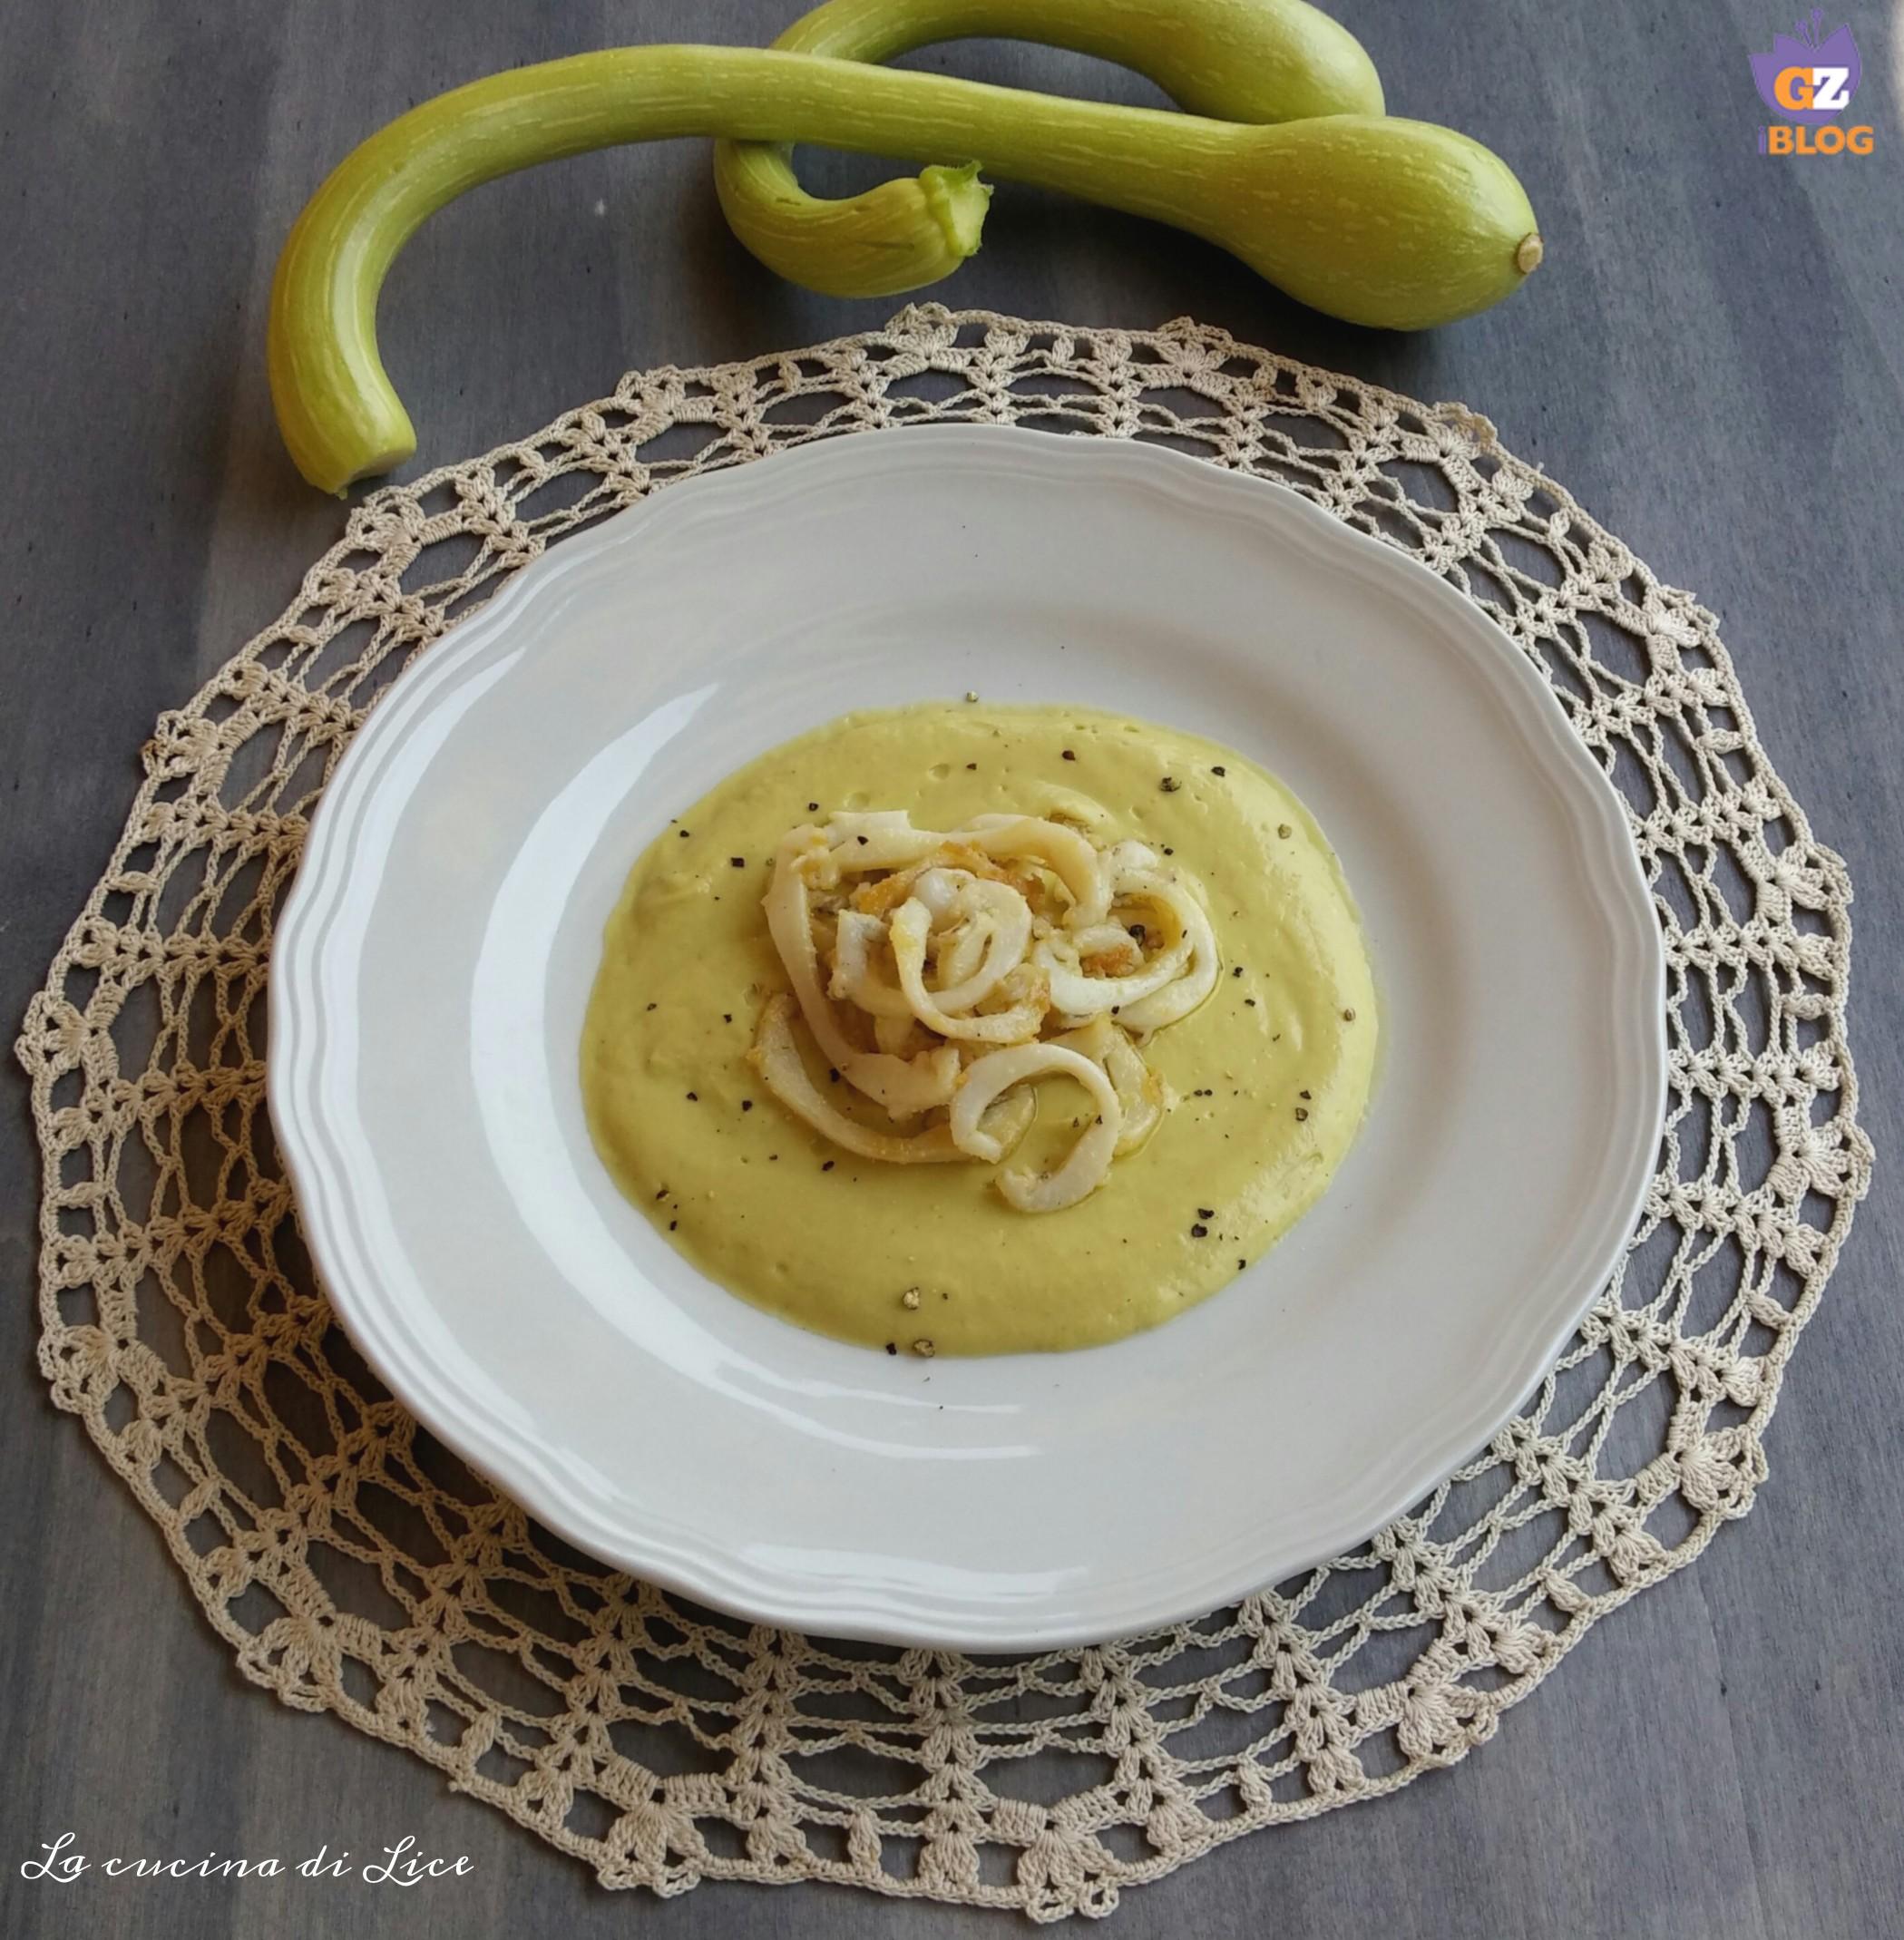 Anelli di calamari in padella for Cucinare zucchine trombetta